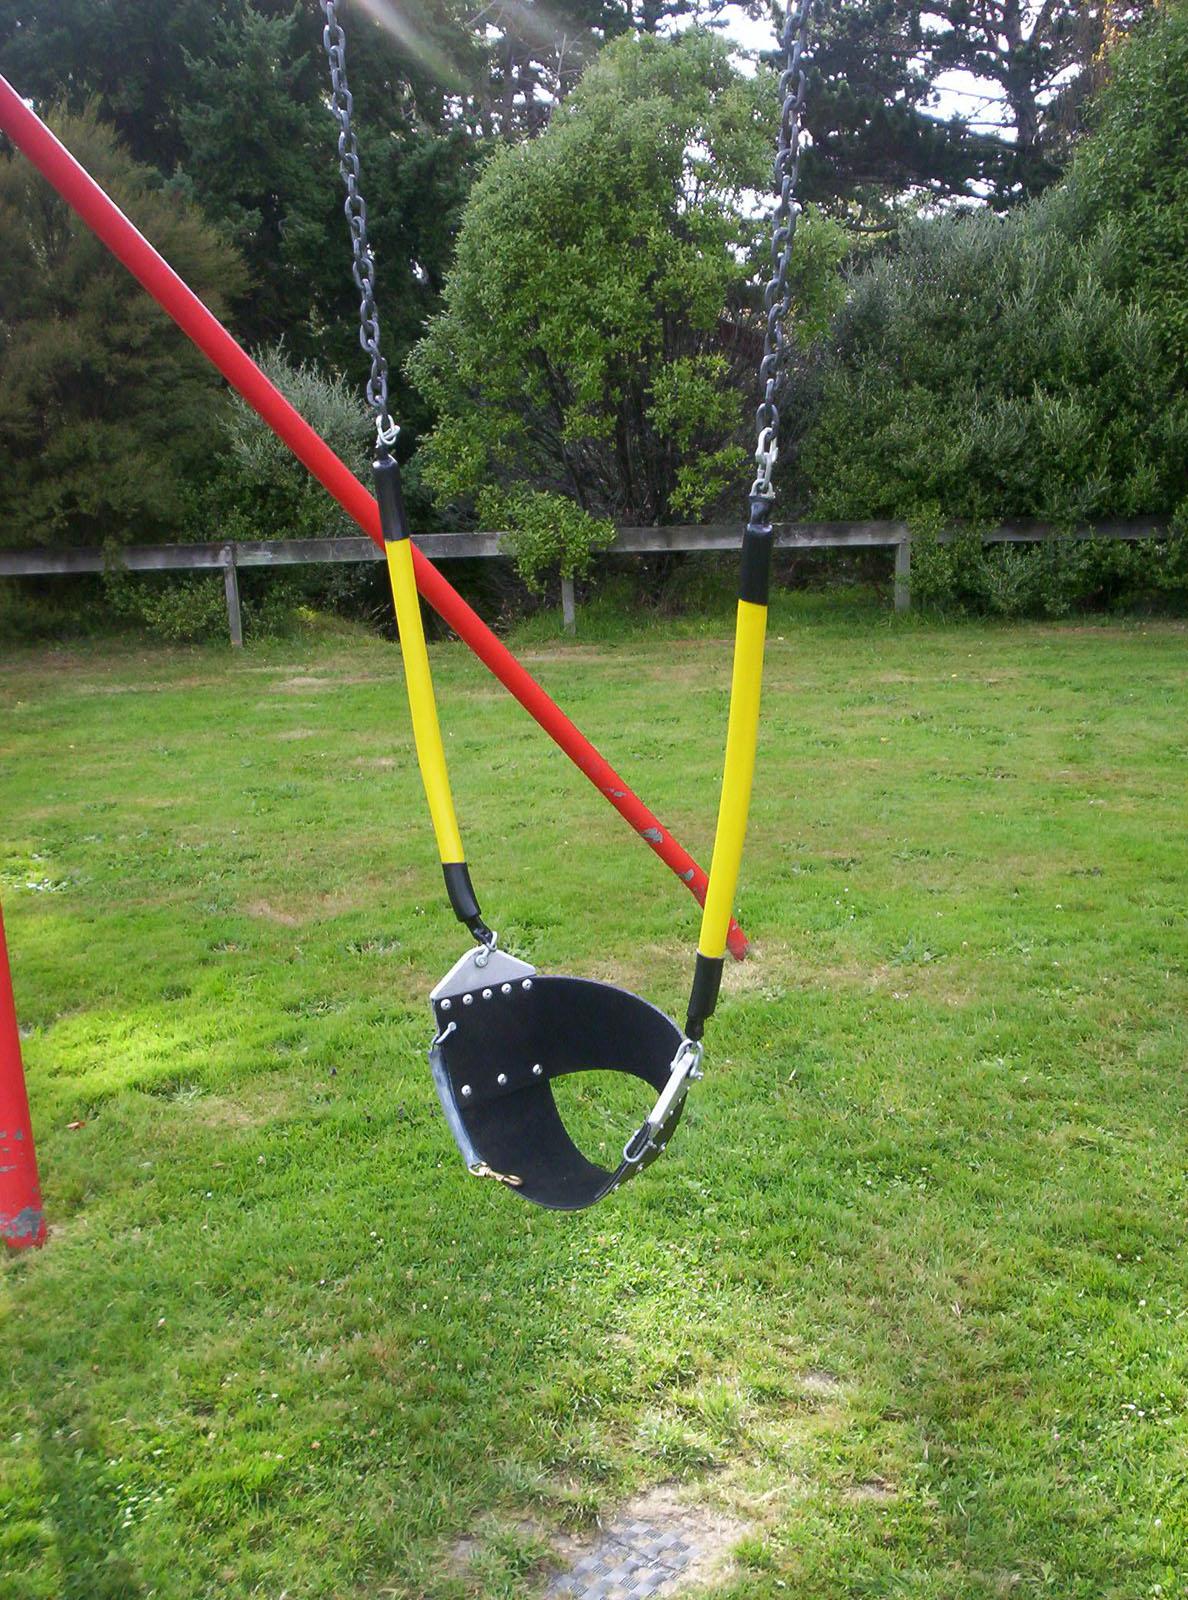 Swing Detail, Bspo06, Park, Swings, Sit, HQ Photo